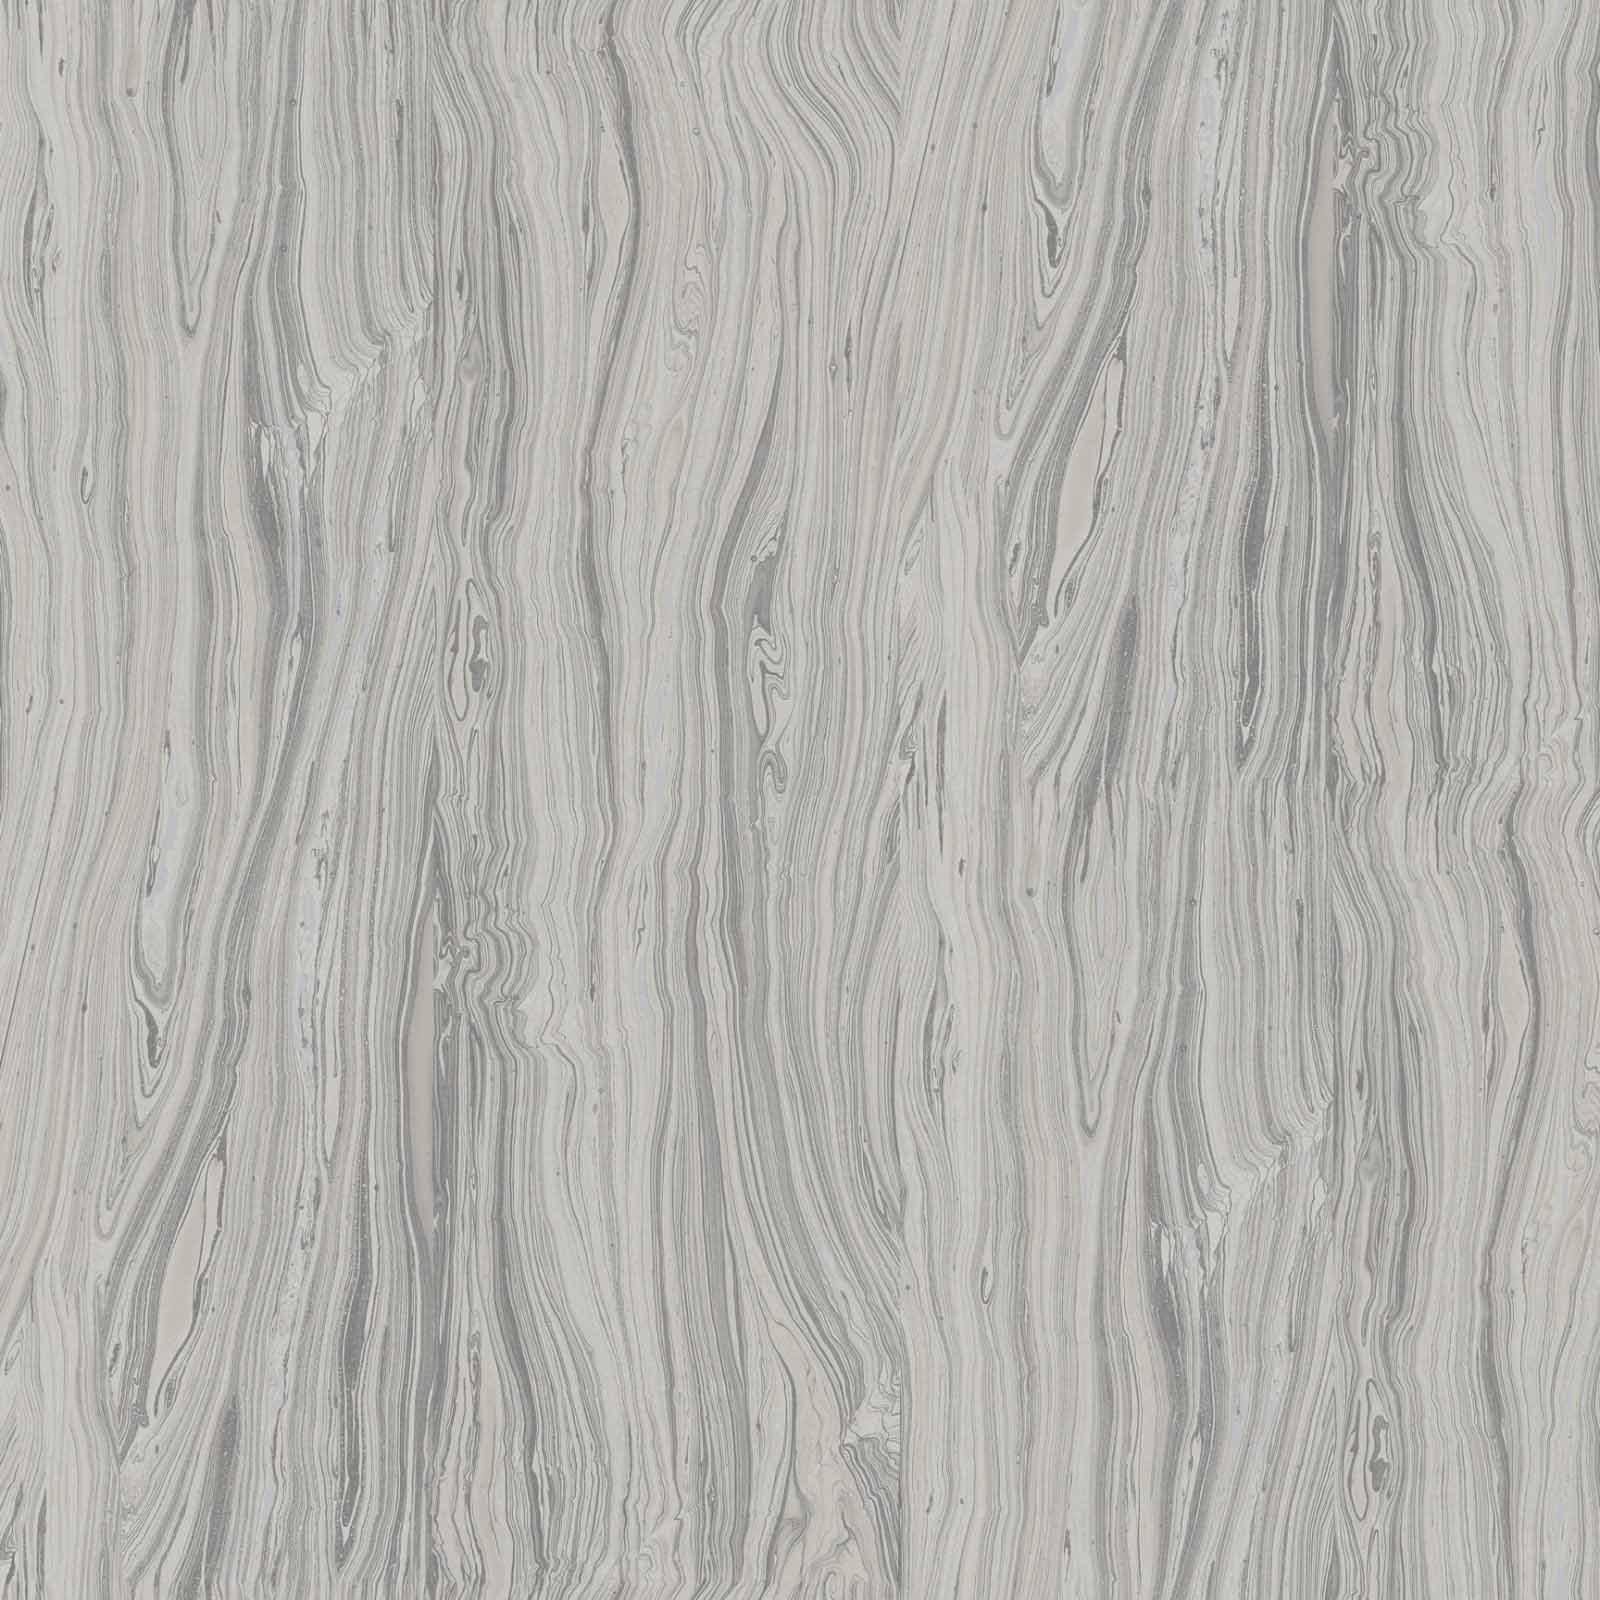 *Artisan Sandscapes-97